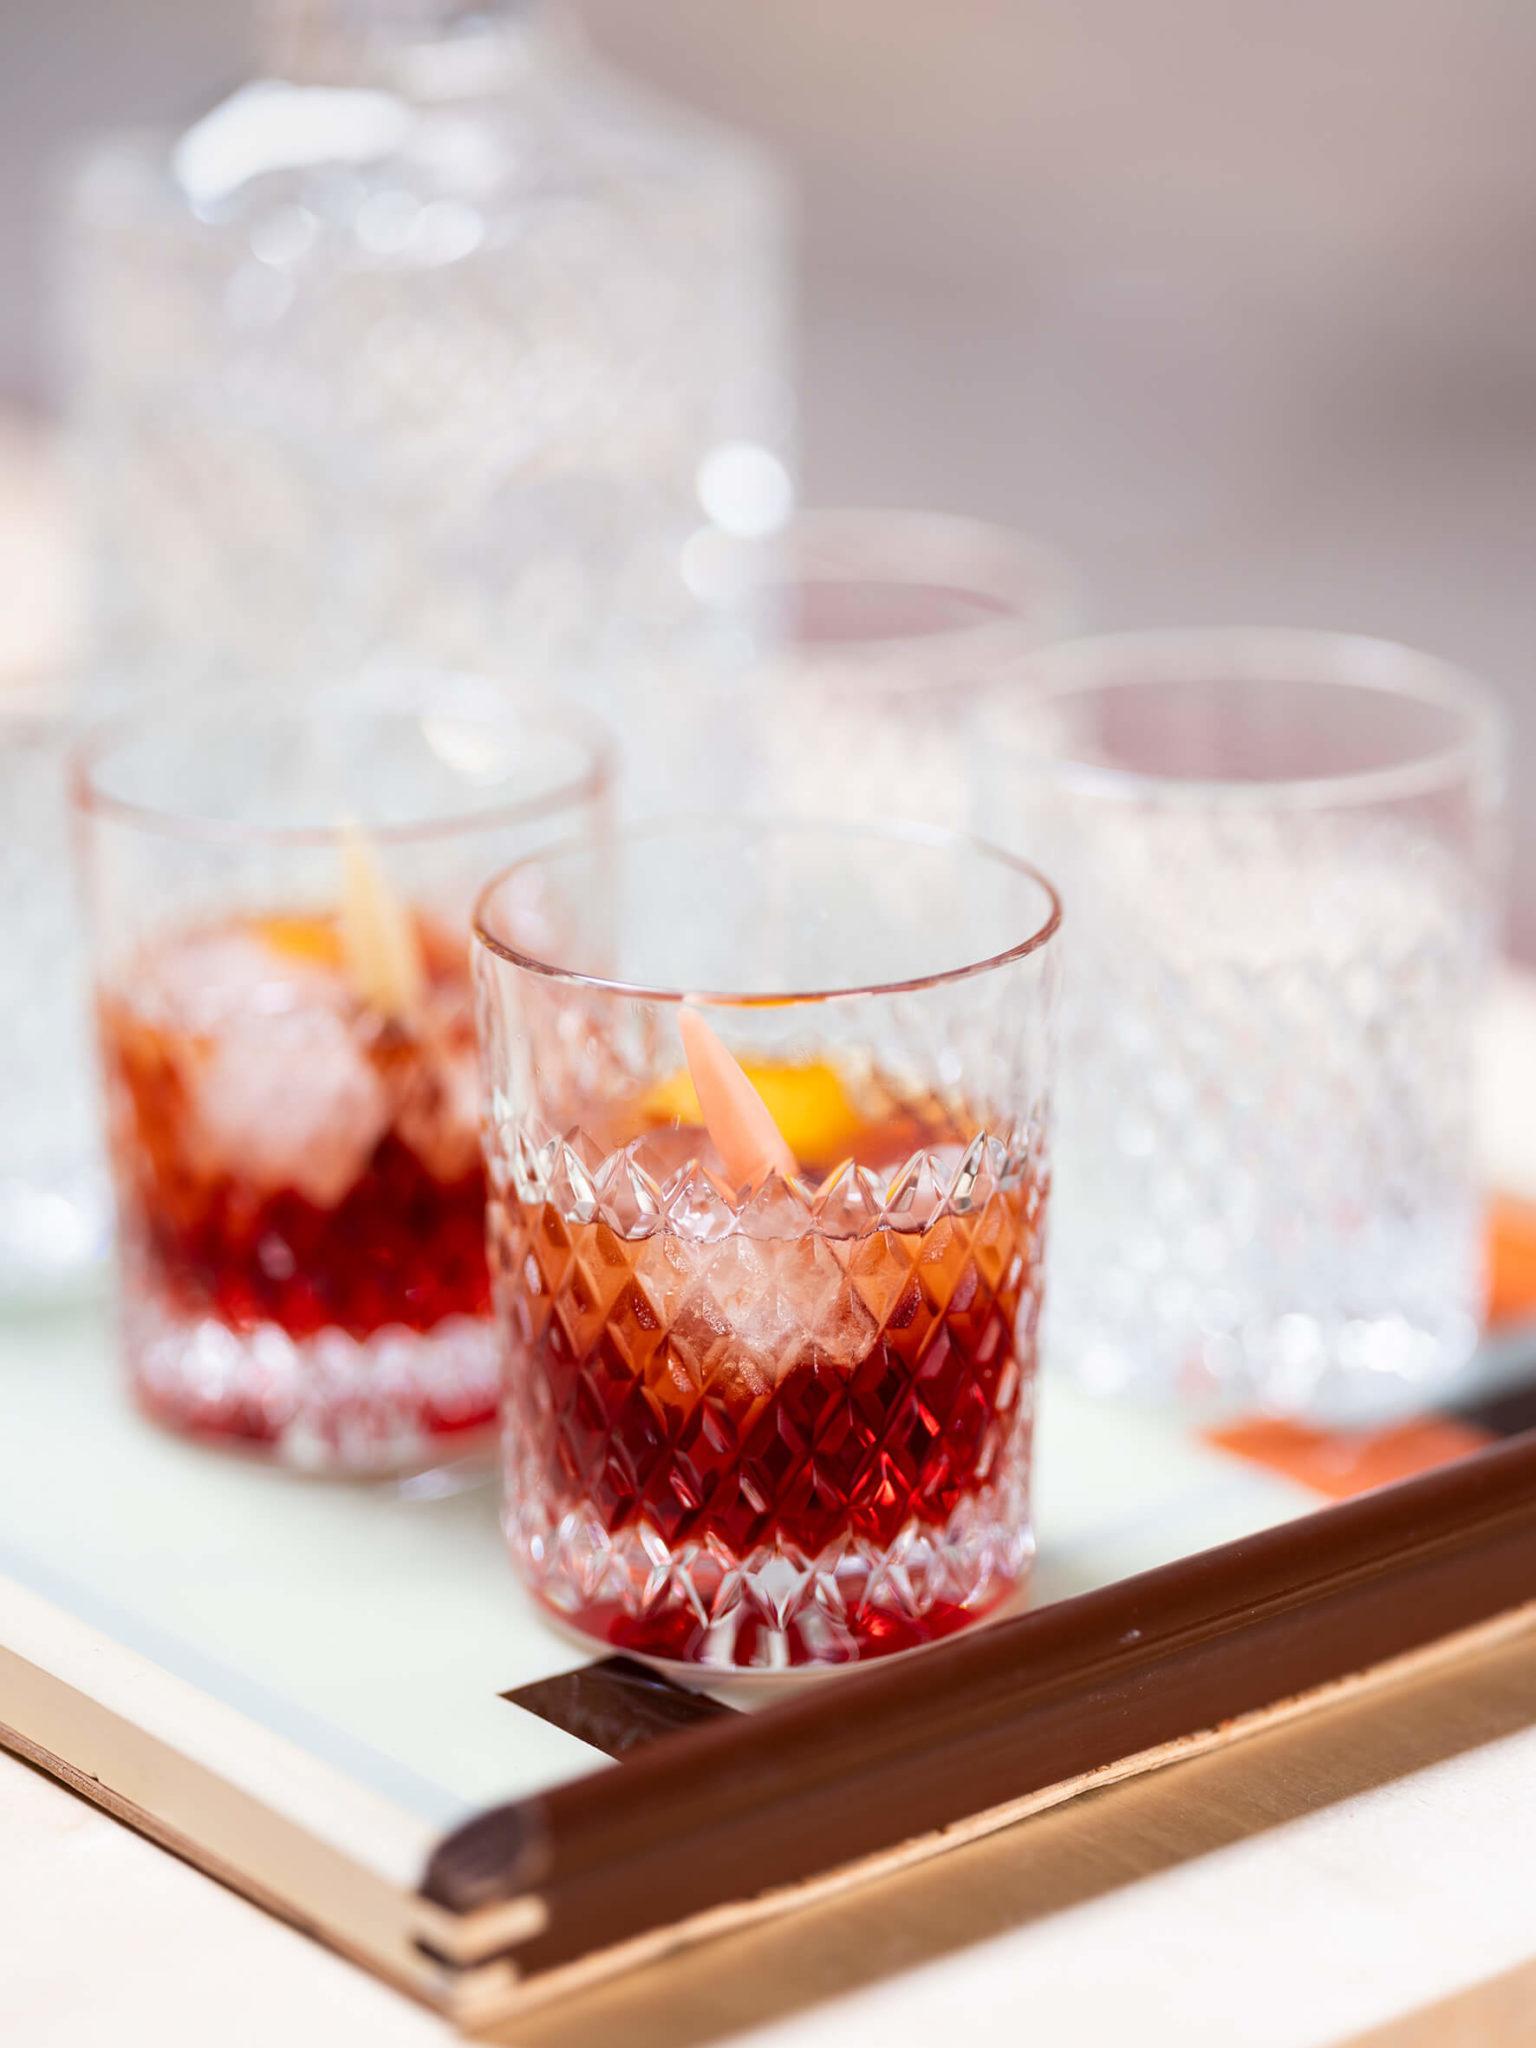 Gläser mit frischen Coctails